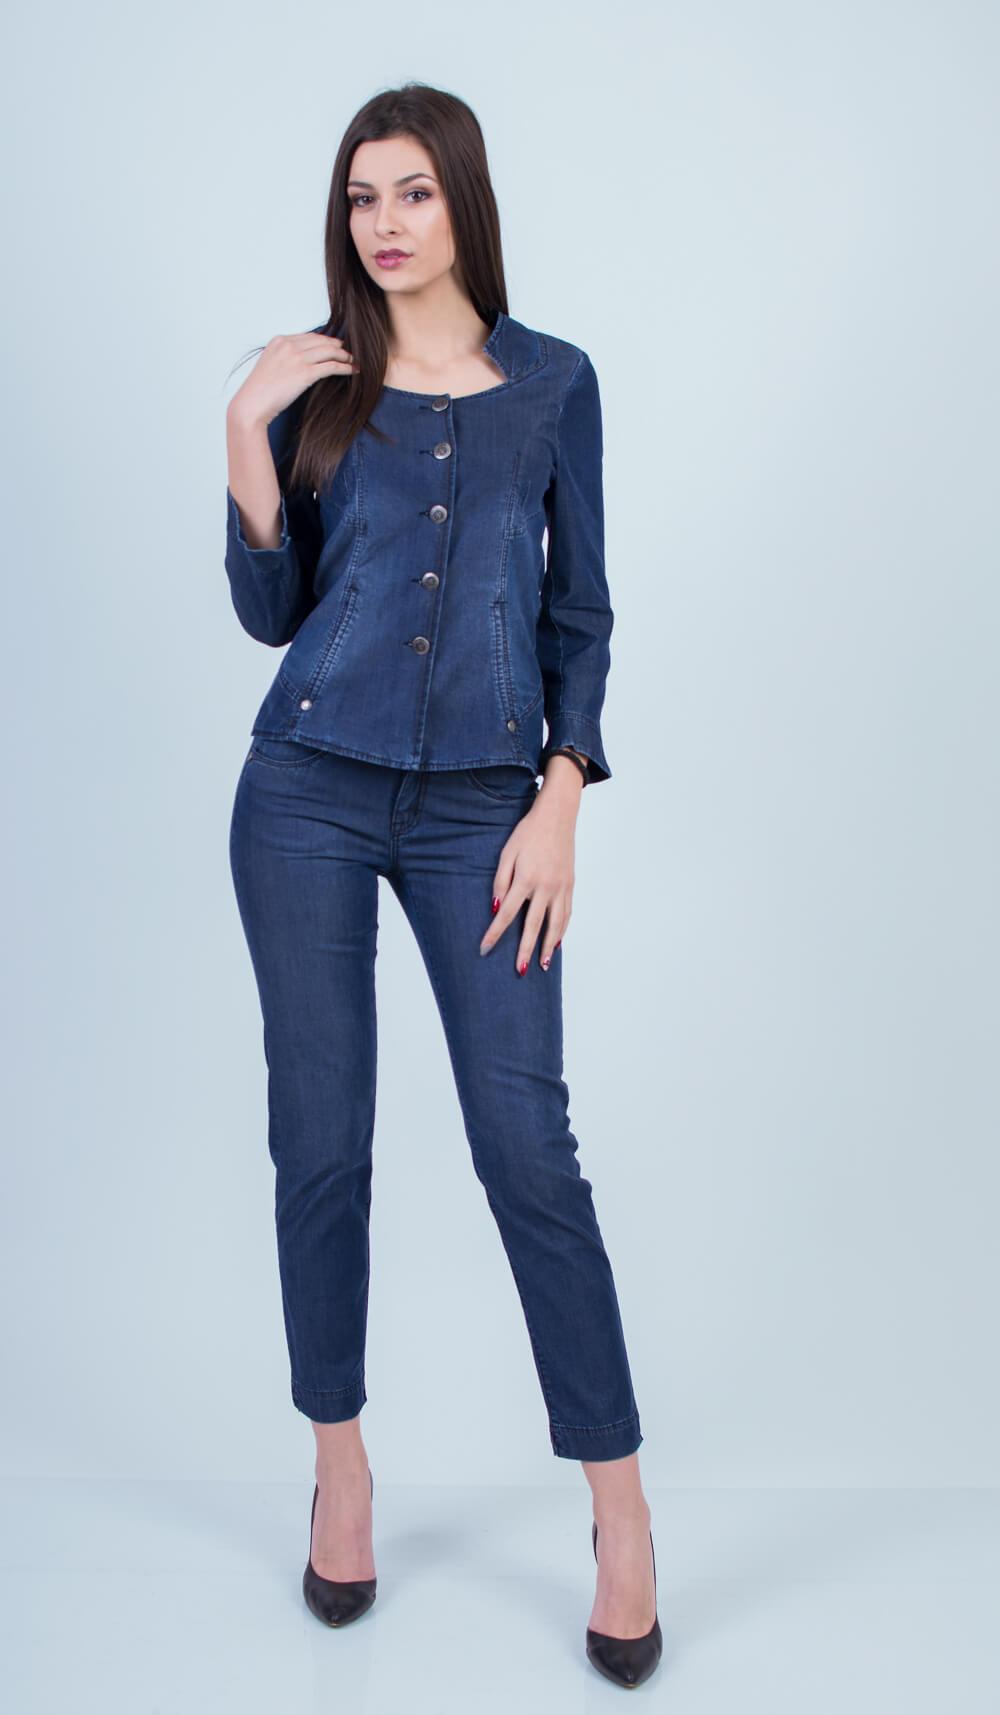 Дамски панталони и дънки във Видин